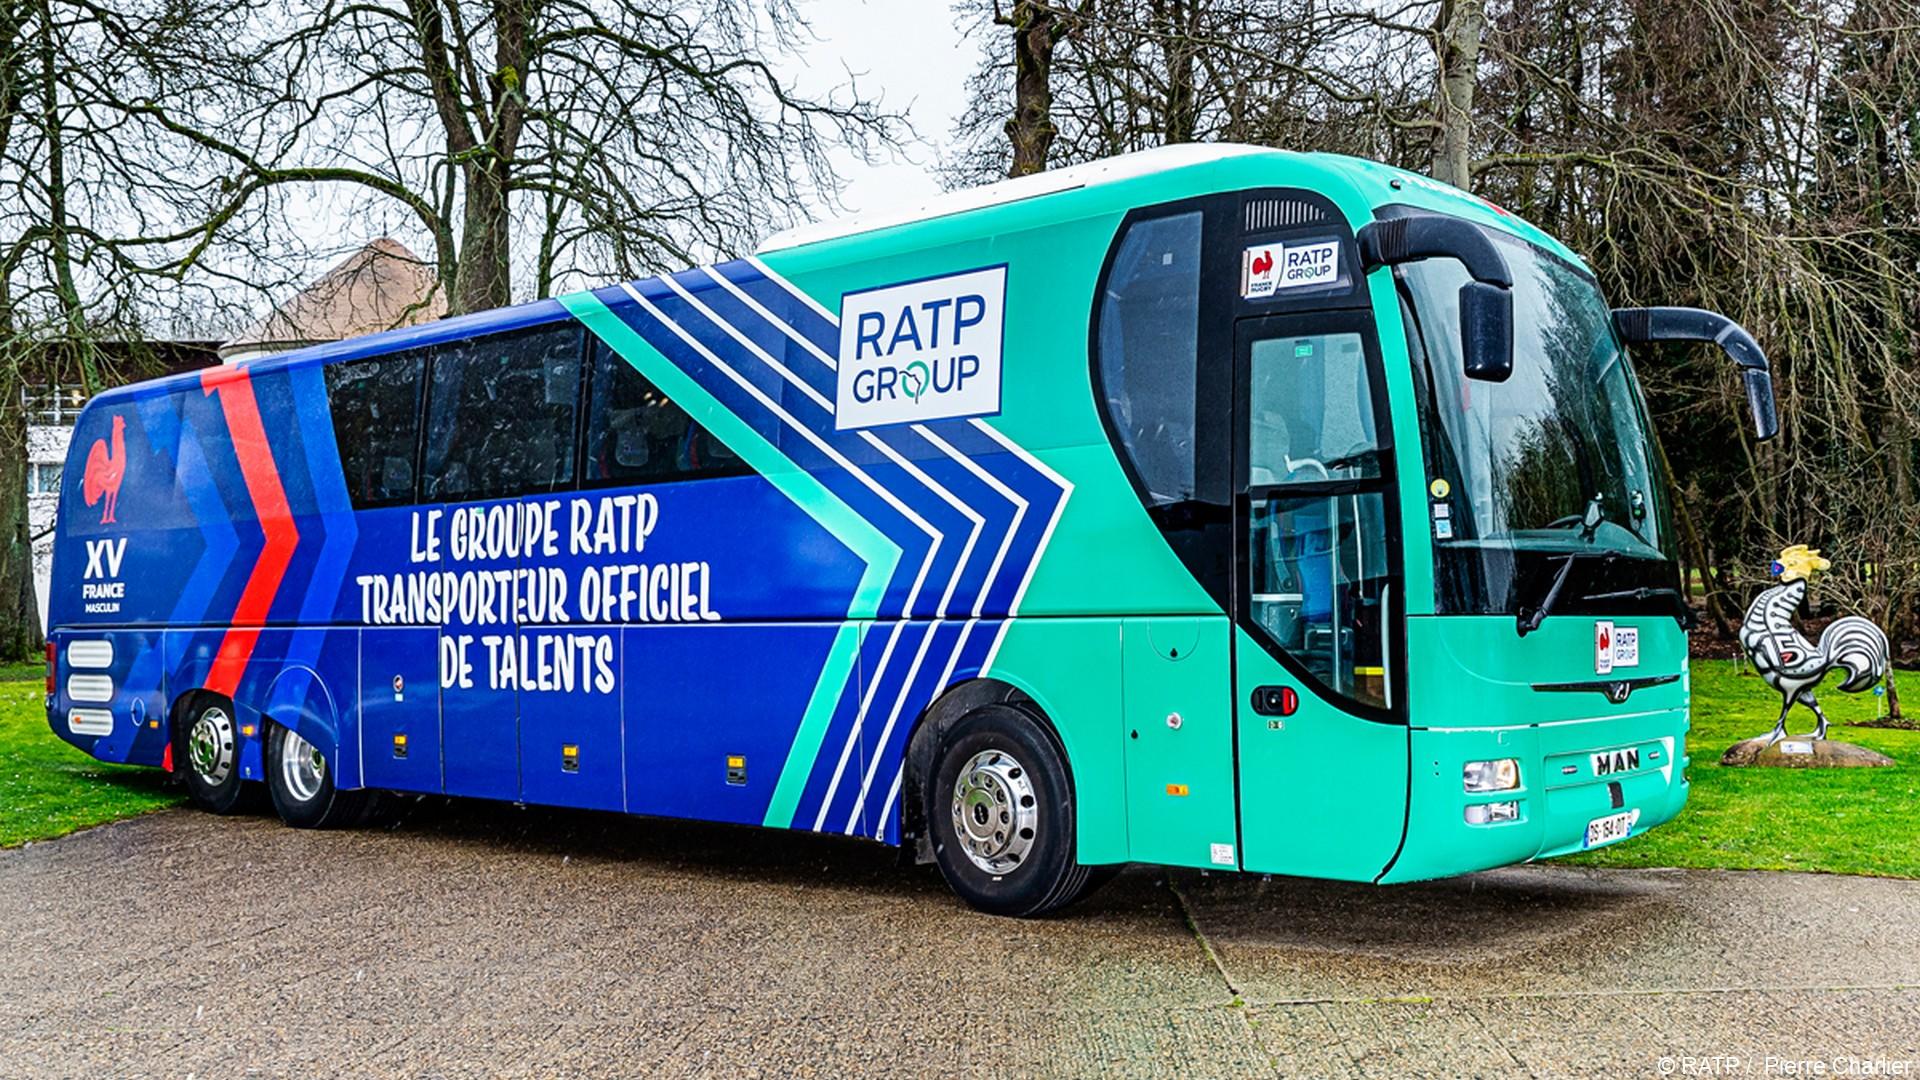 RATP x FF Rugby (rugby) car 2021